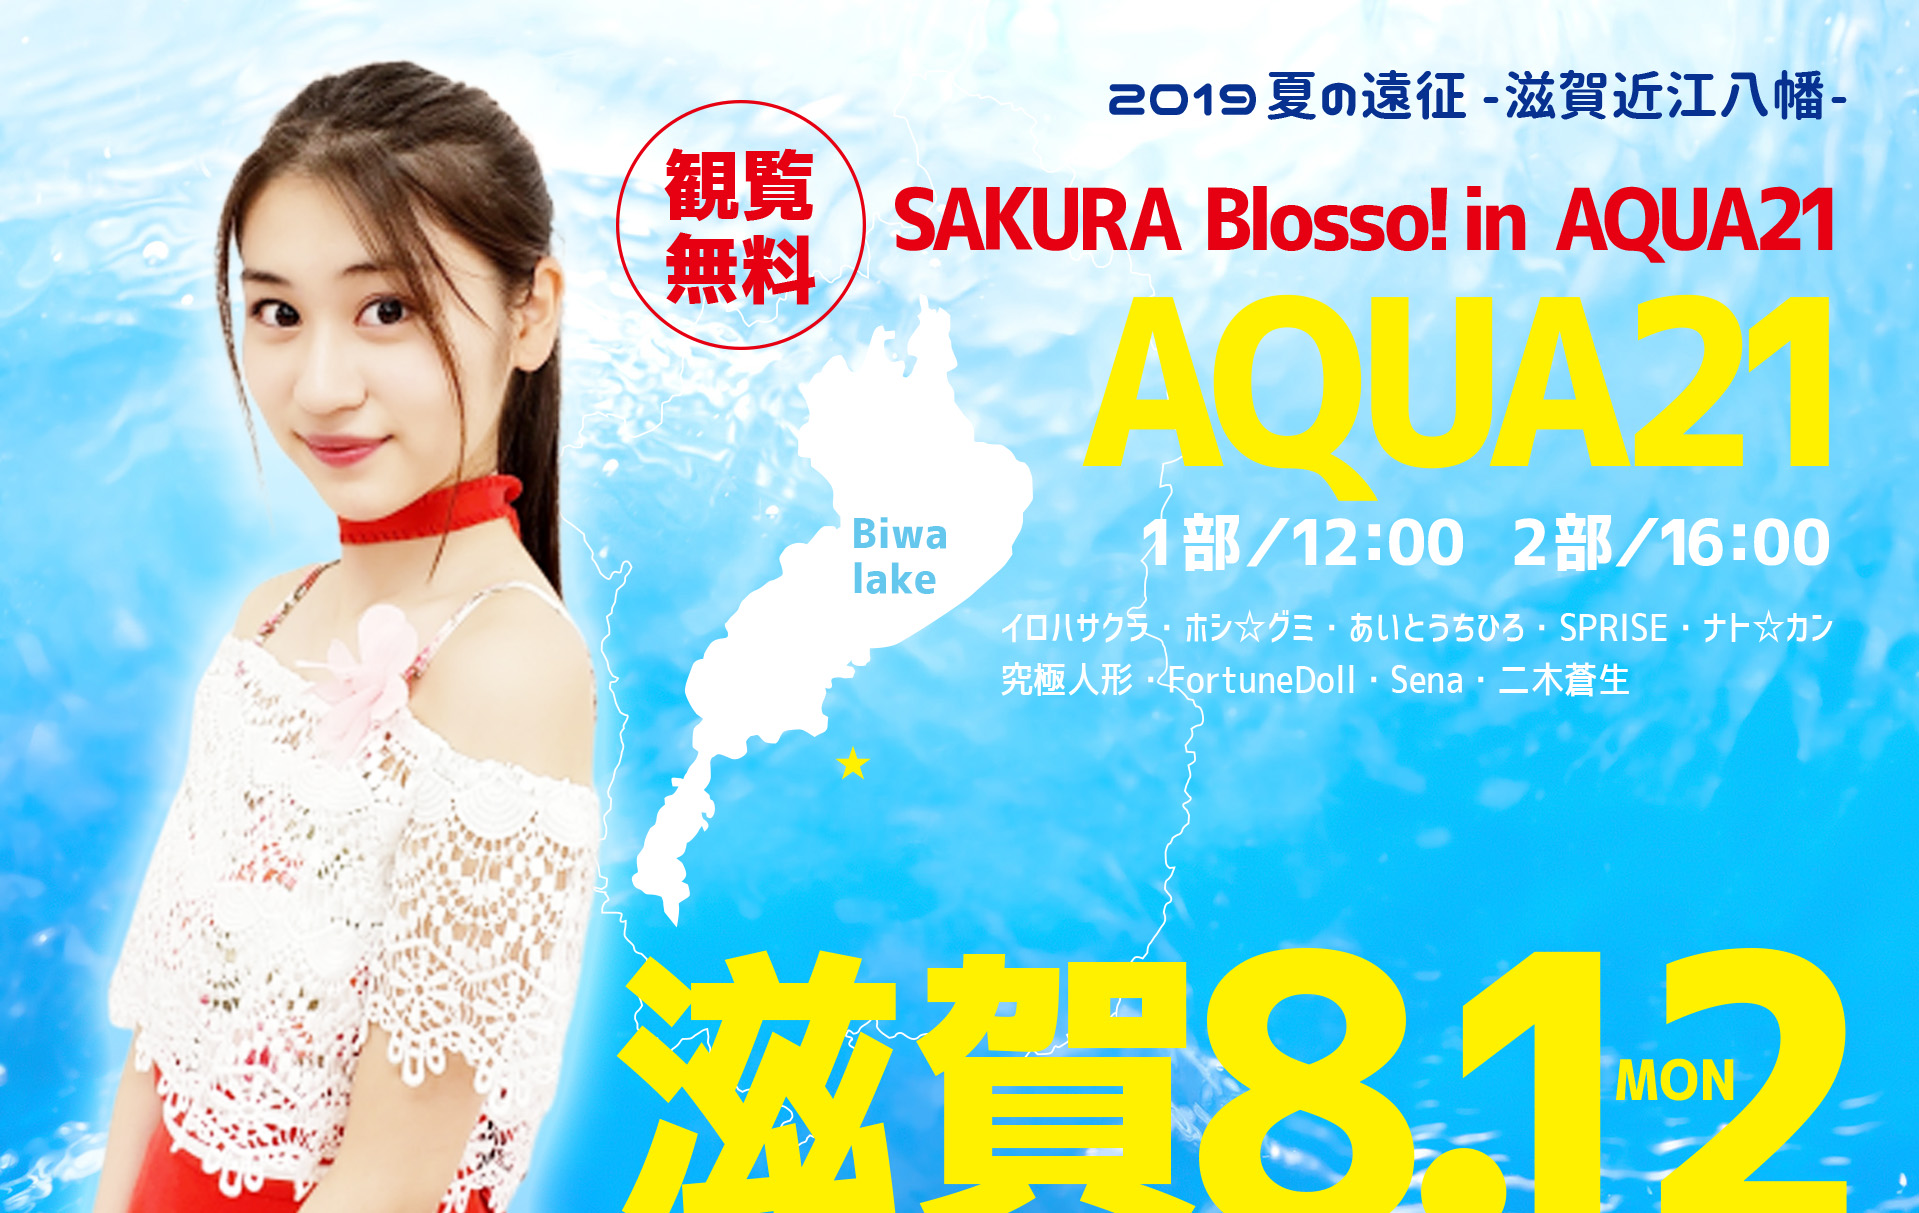 8/12(月・休)SAKURA Blosso! in AQUA21